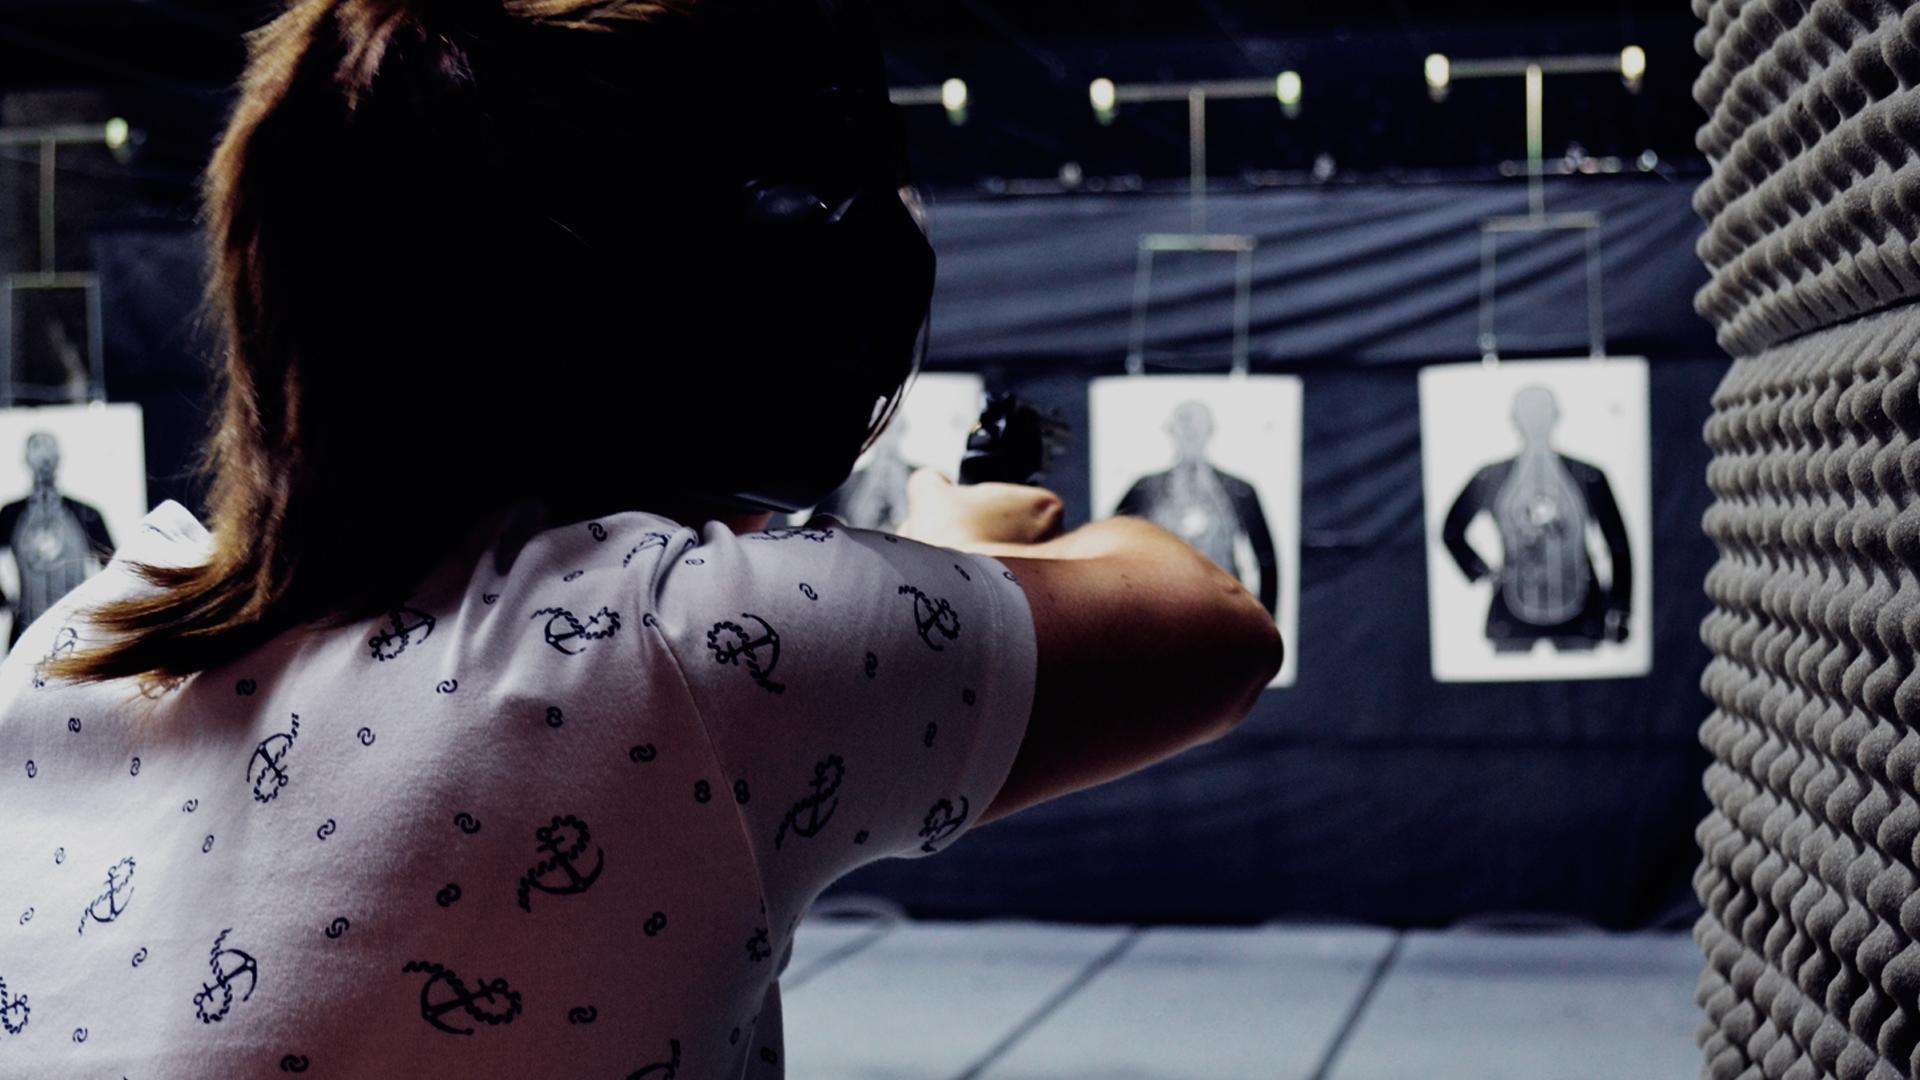 Mulher mirando em um alvo dentro de um estande de tiro. Ela esta de costas, com protetor auricular e óculos de proteção. Está mirando com uma pistola, que está apontada para o alvo do estande.